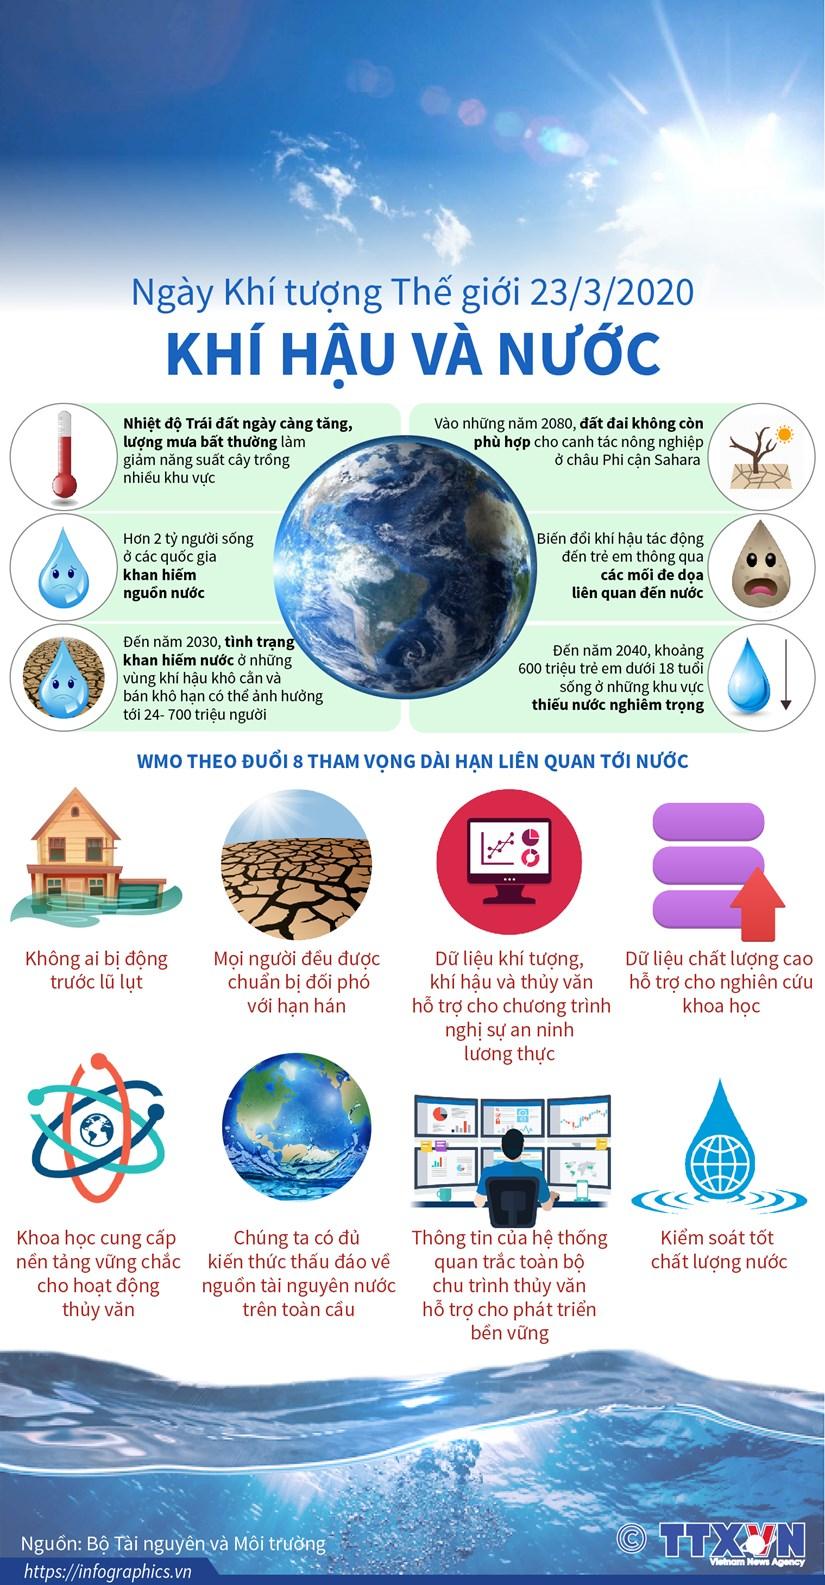 [Infographics] Ngay Khi tuong The gioi 23/3/2020: Khi hau va Nuoc hinh anh 1